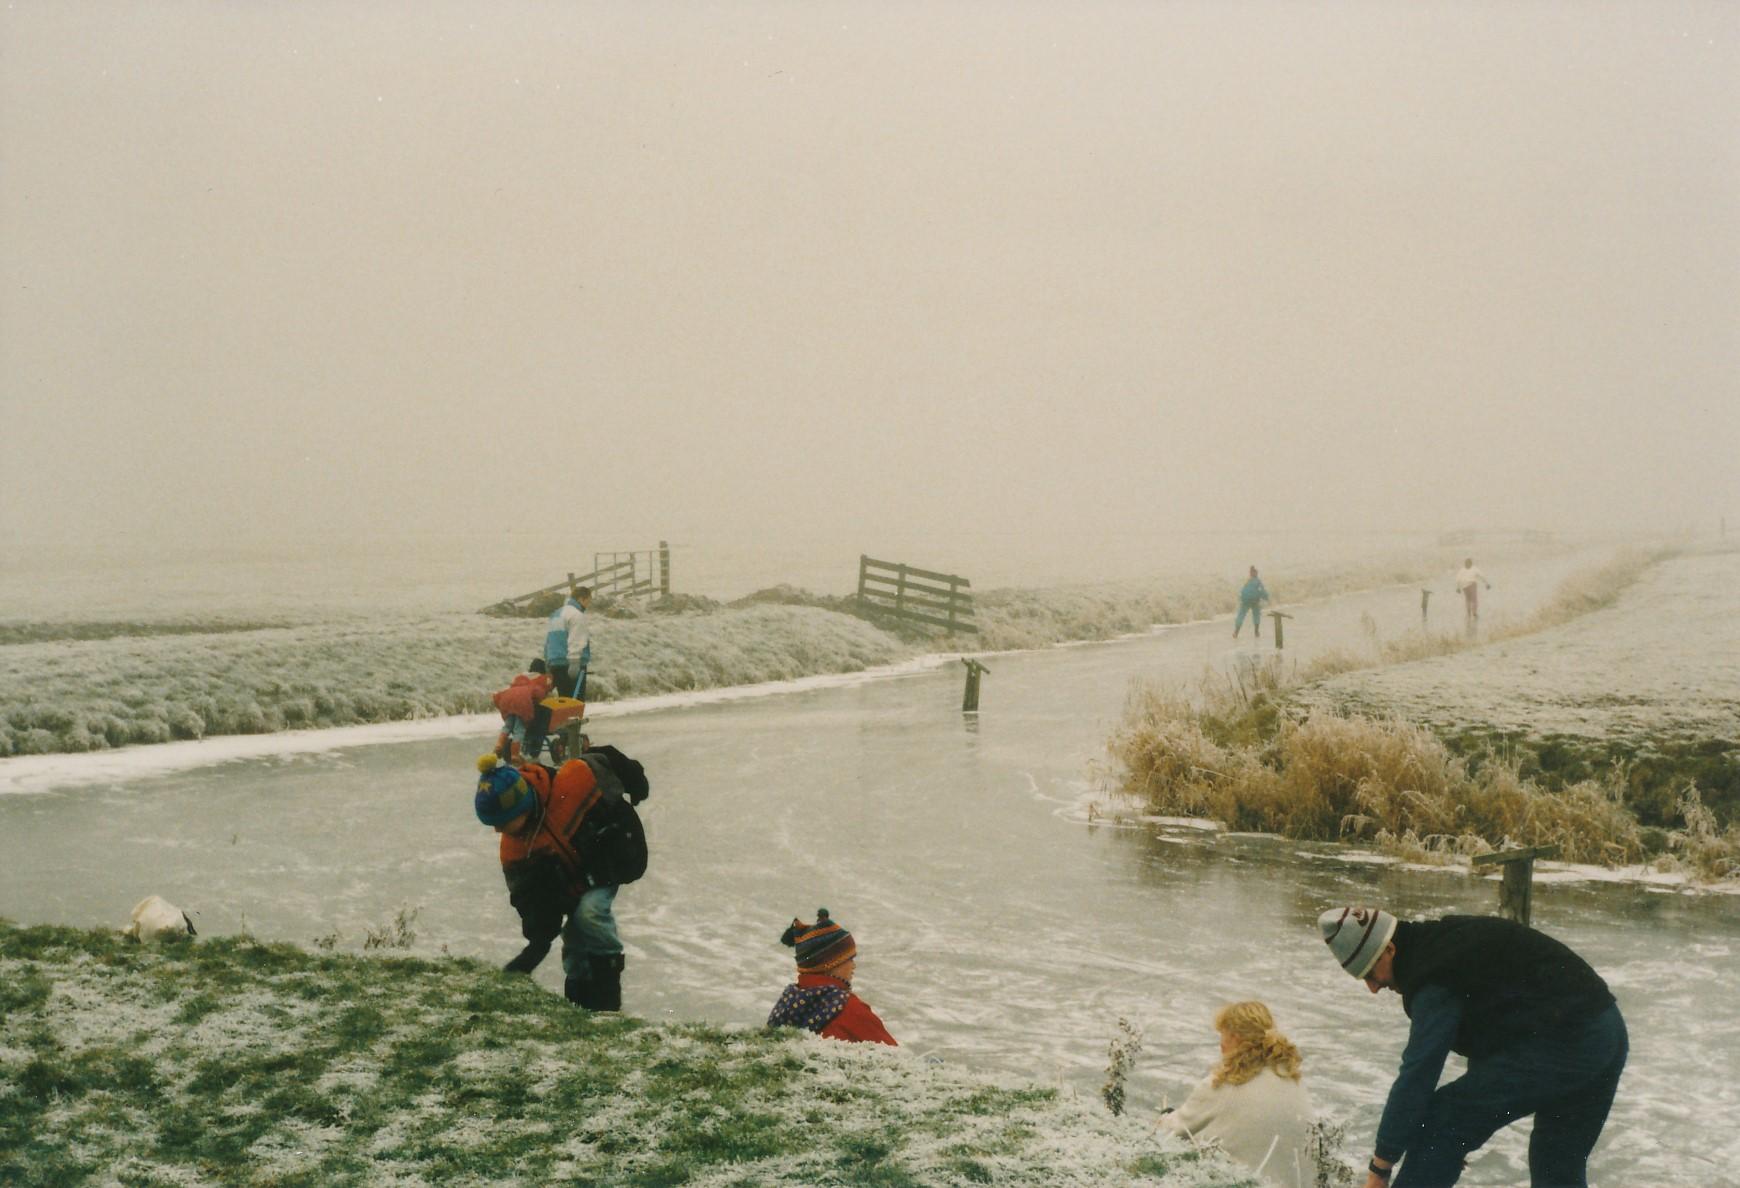 Fotoalbum Anneke Miedema, 115, Reedriden op de Easterwierrumer Ald Feart, februari 1996